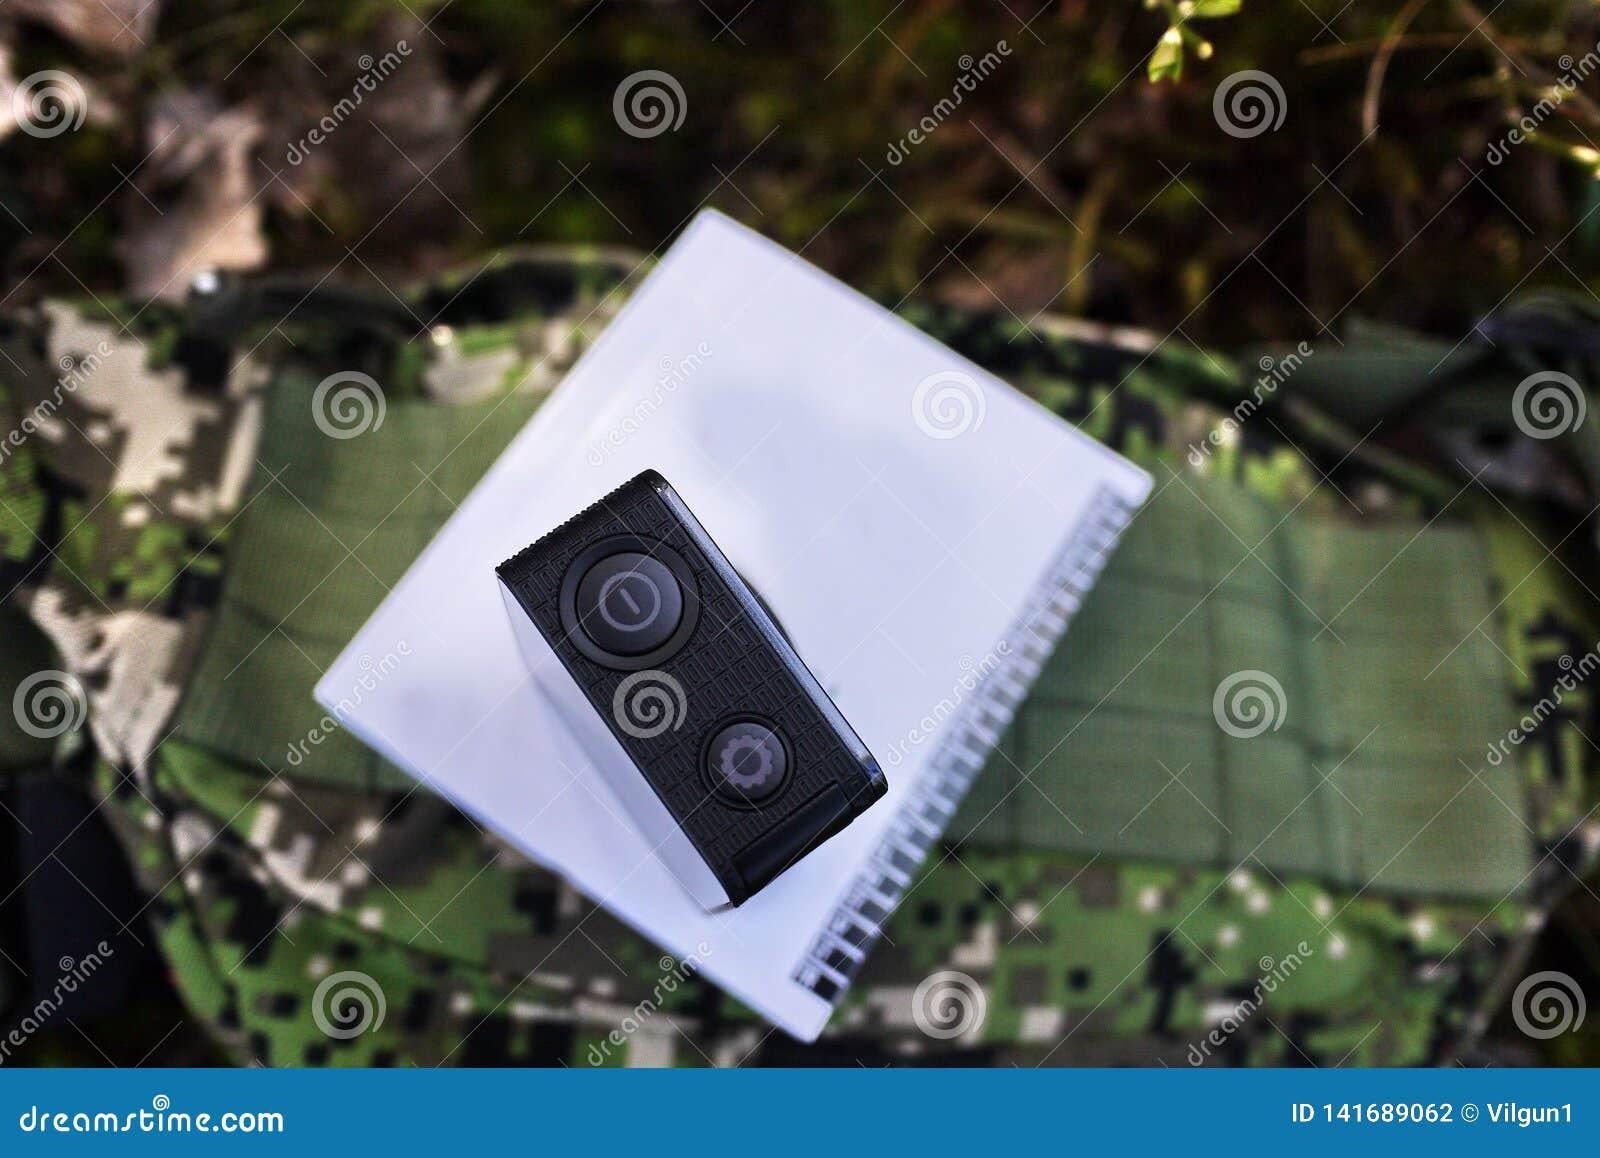 Κάμερα δράσης για να συλλάβει τα βίντεό σας Κατάλληλος για το ταξίδι αυτοκινήτων, αθλητισμός, κατάδυση,